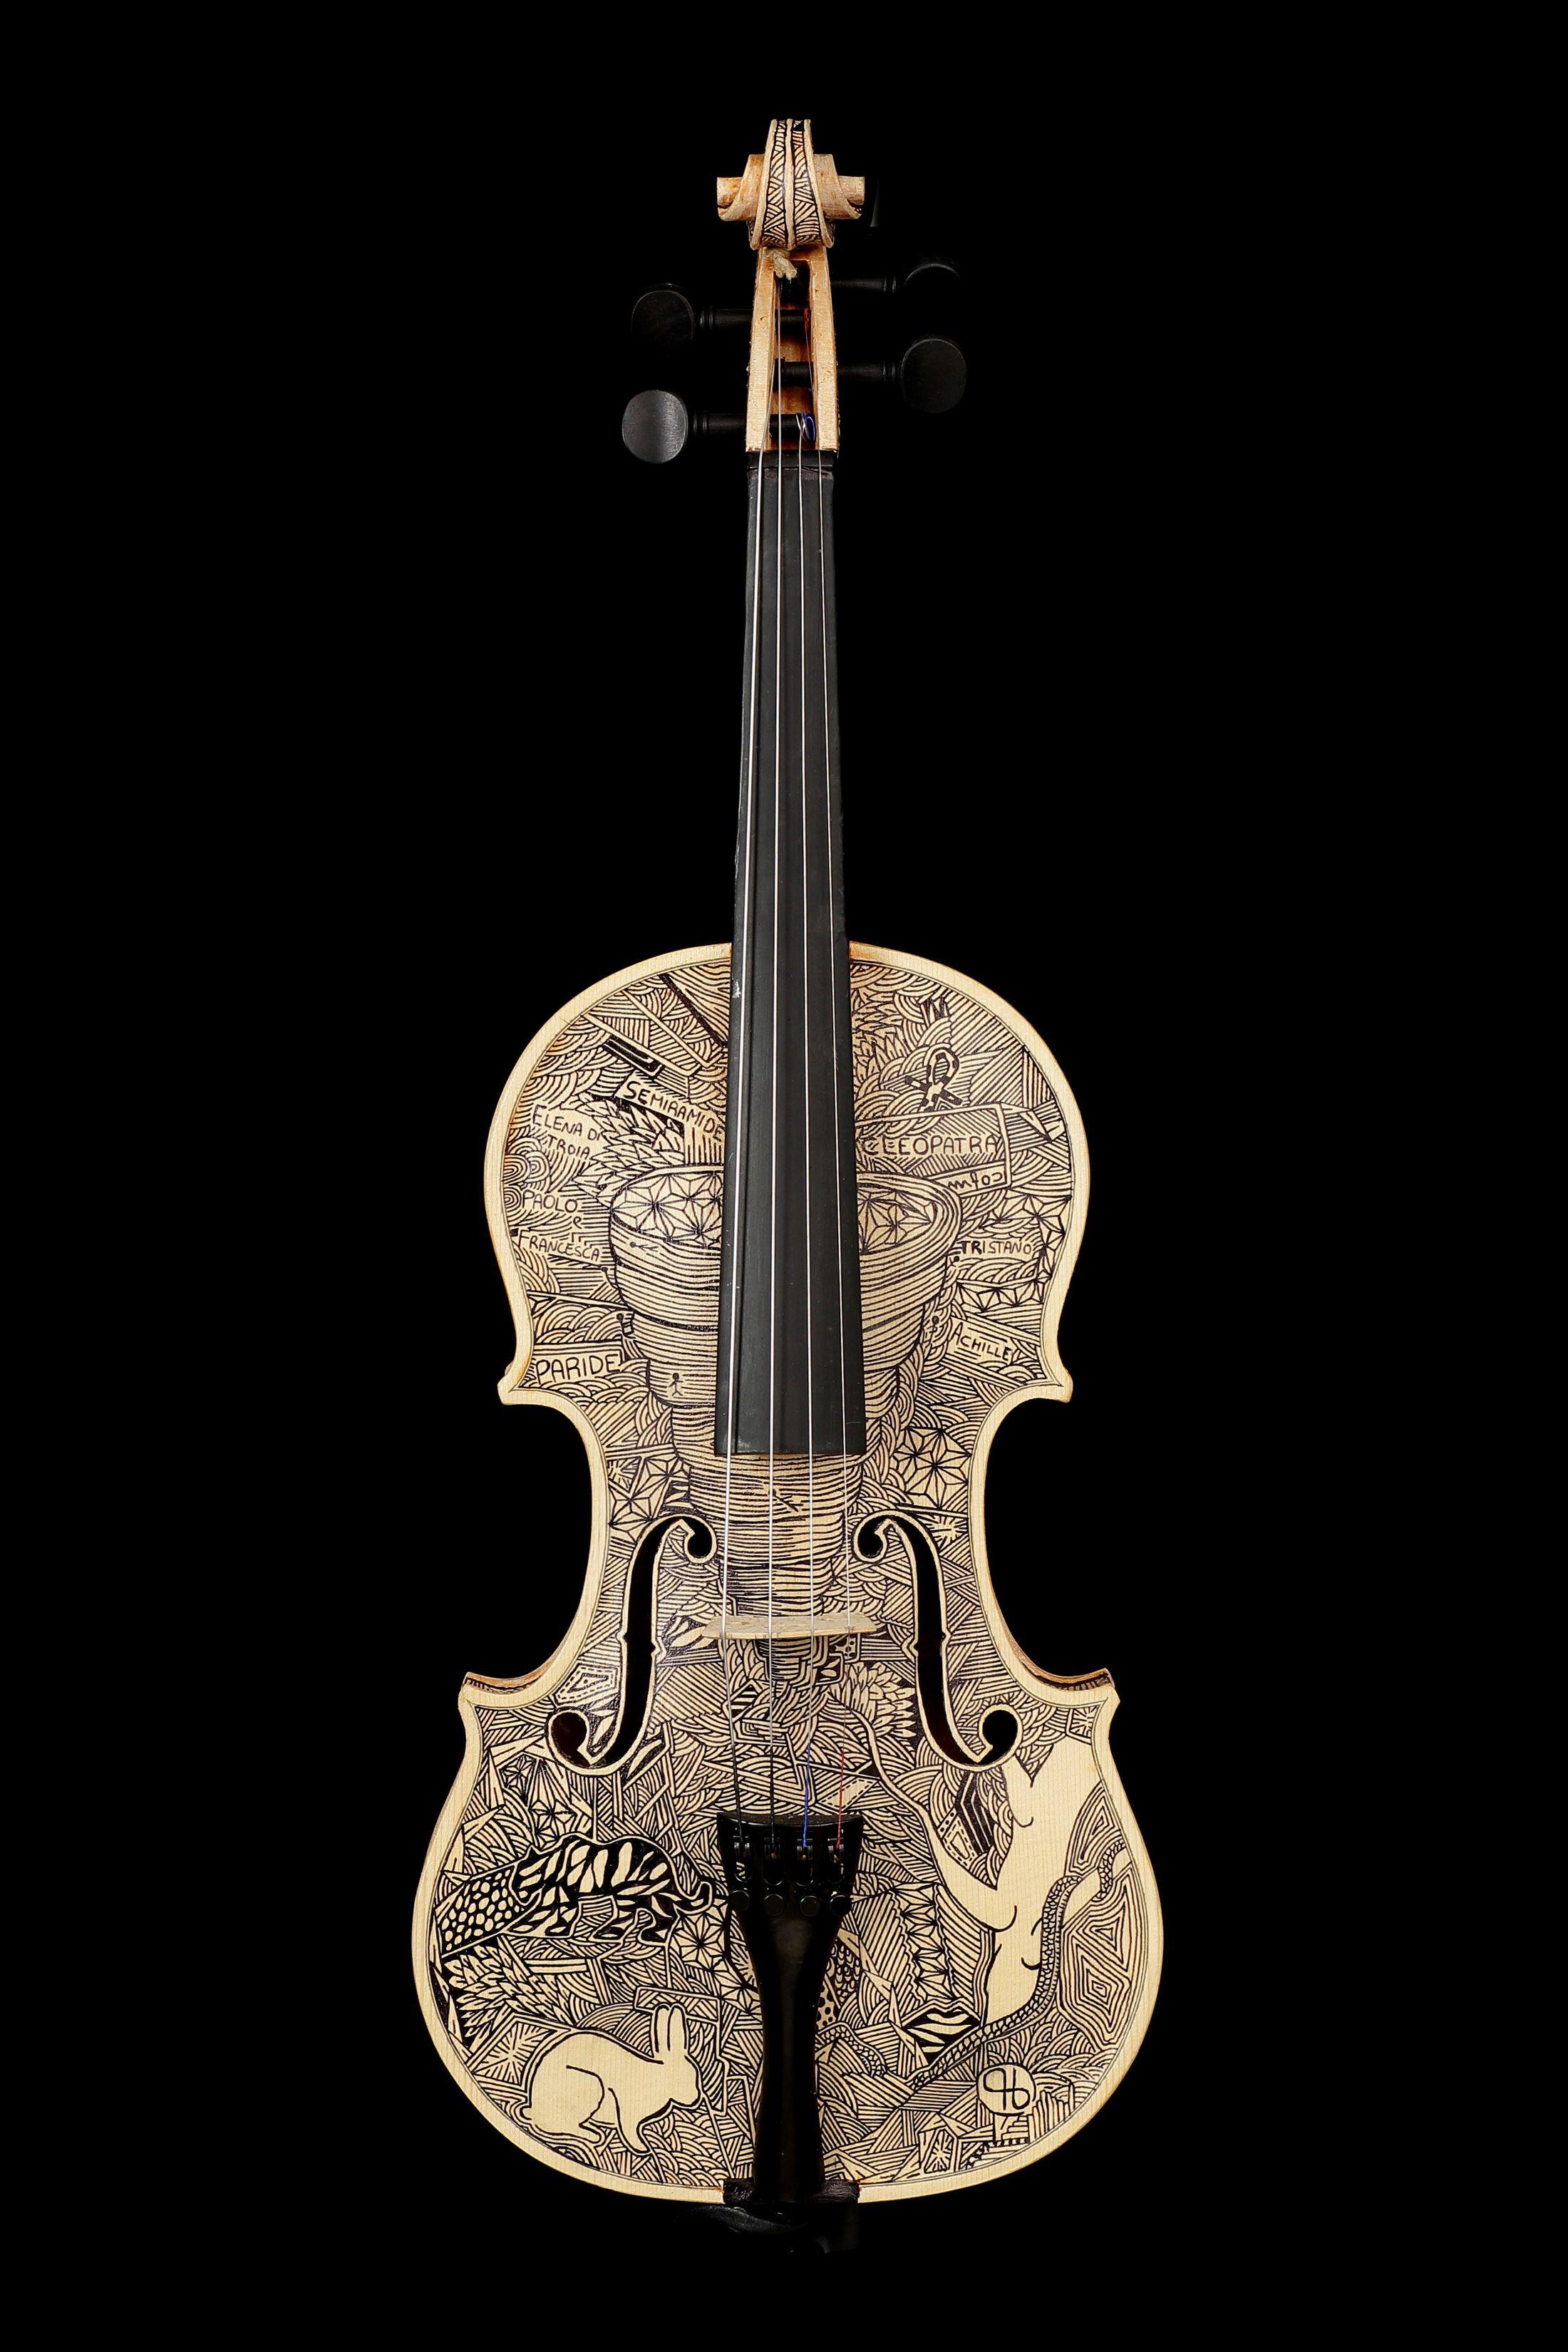 The Talent Of Leonardo Frigo Violin Art Violin Old Musical Instruments